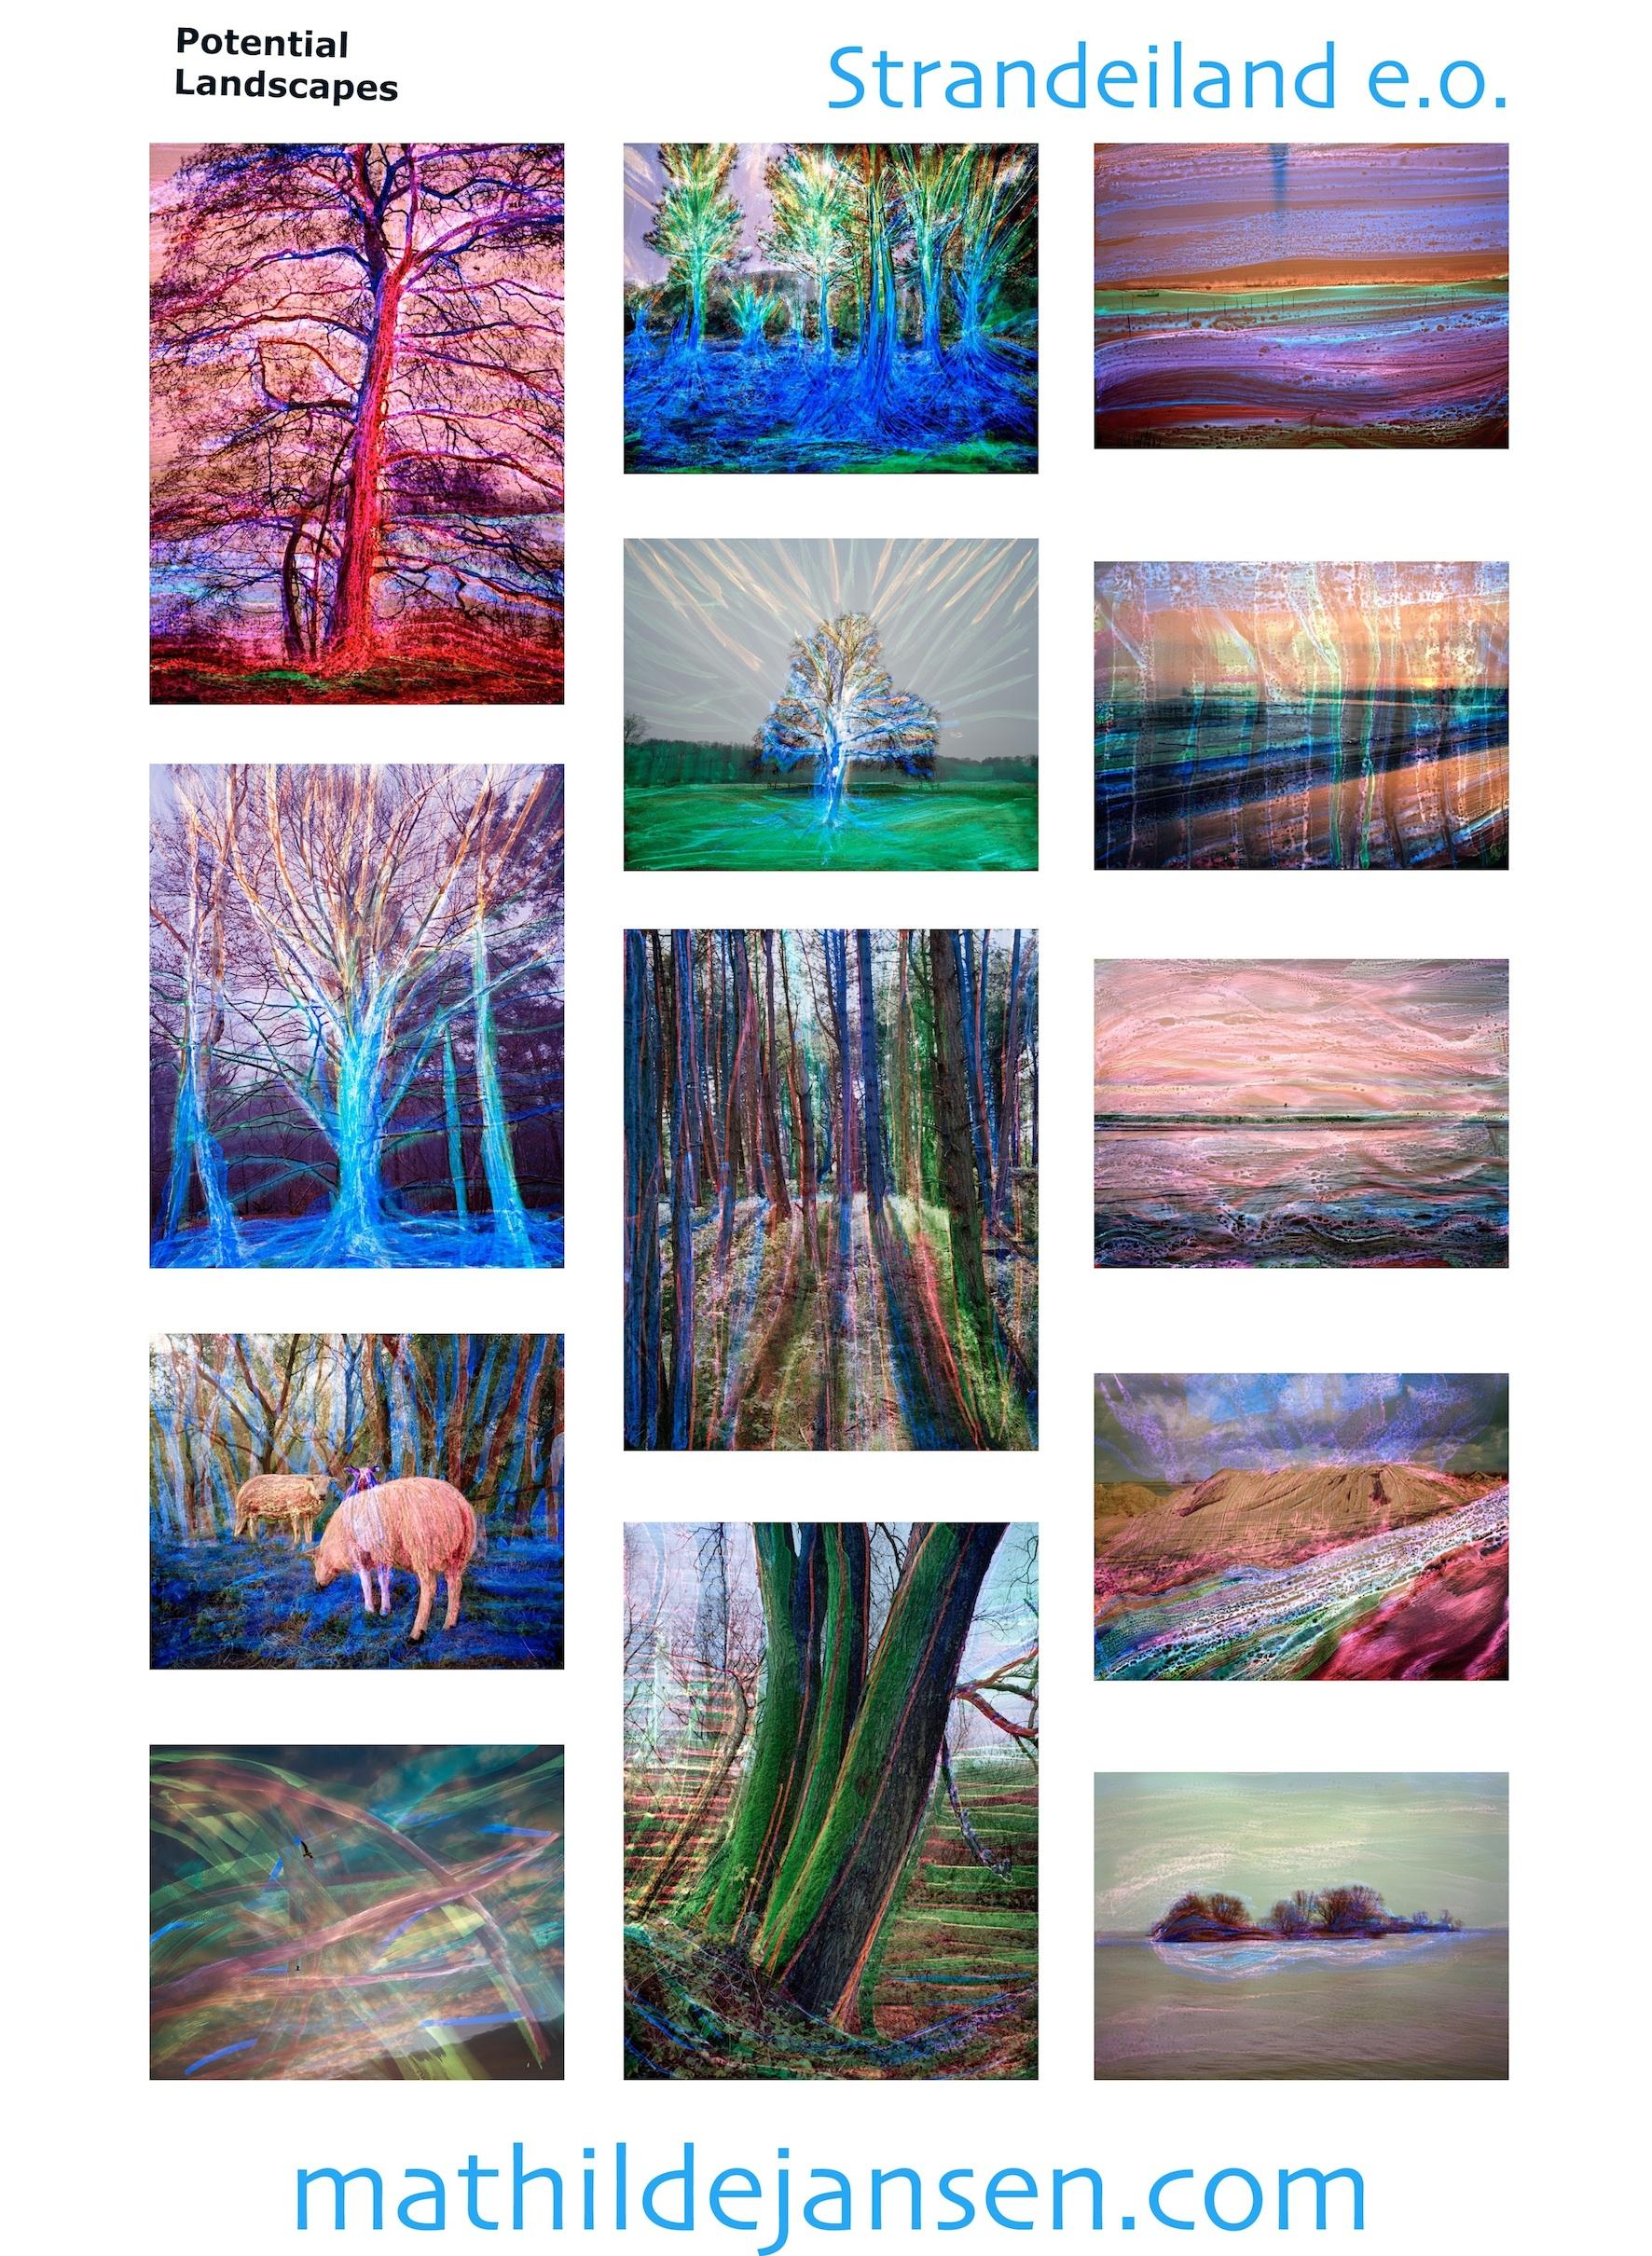 Potential Landscapes (1st flyer)